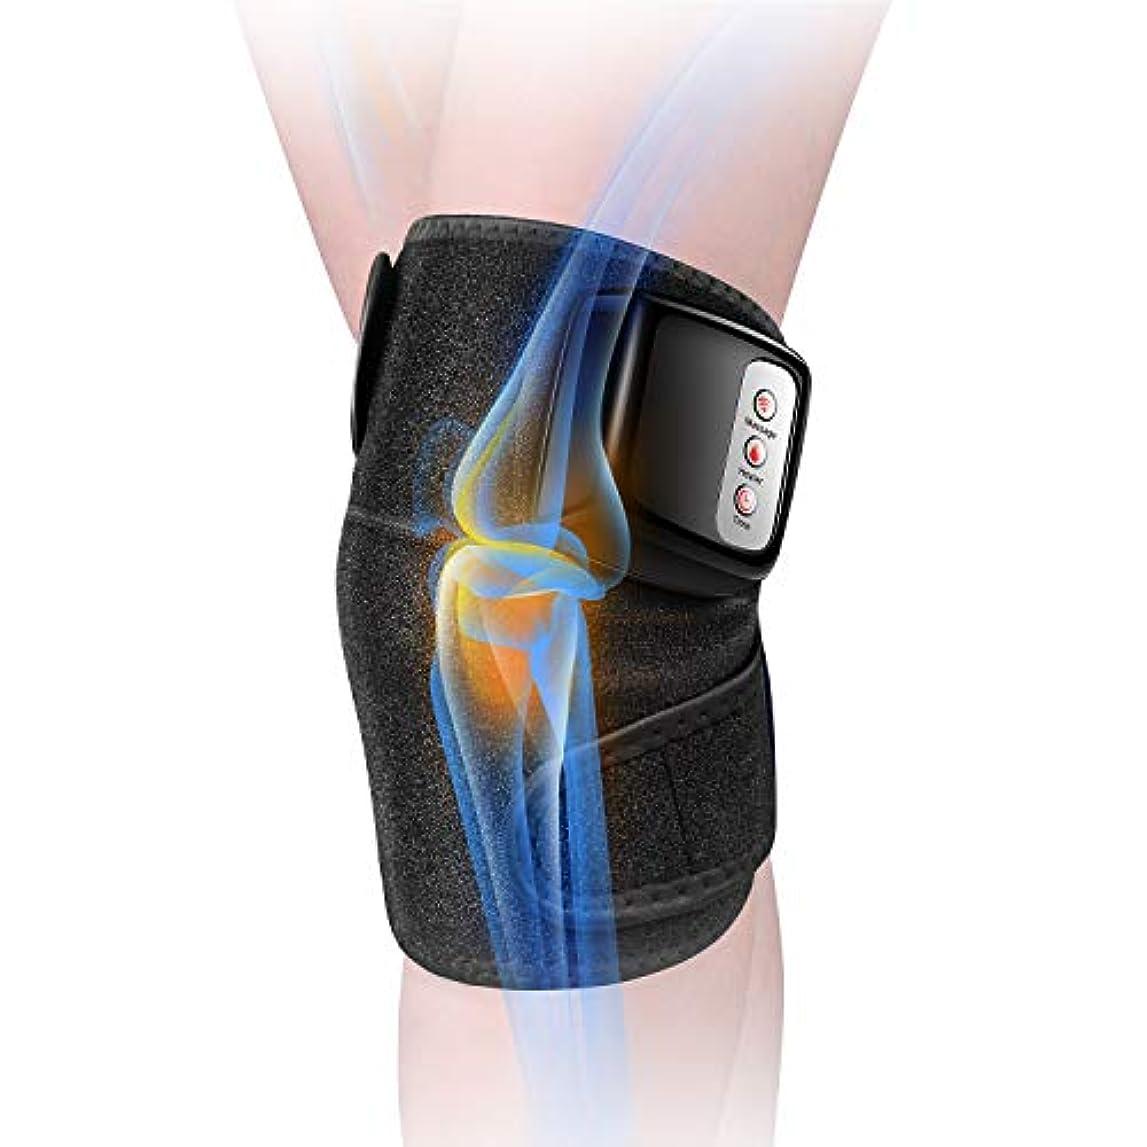 マグクランシー勘違いする膝マッサージャー 関節マッサージャー マッサージ器 フットマッサージャー 振動 赤外線療法 温熱療法 膝サポーター ストレス解消 肩 太もも/腕対応